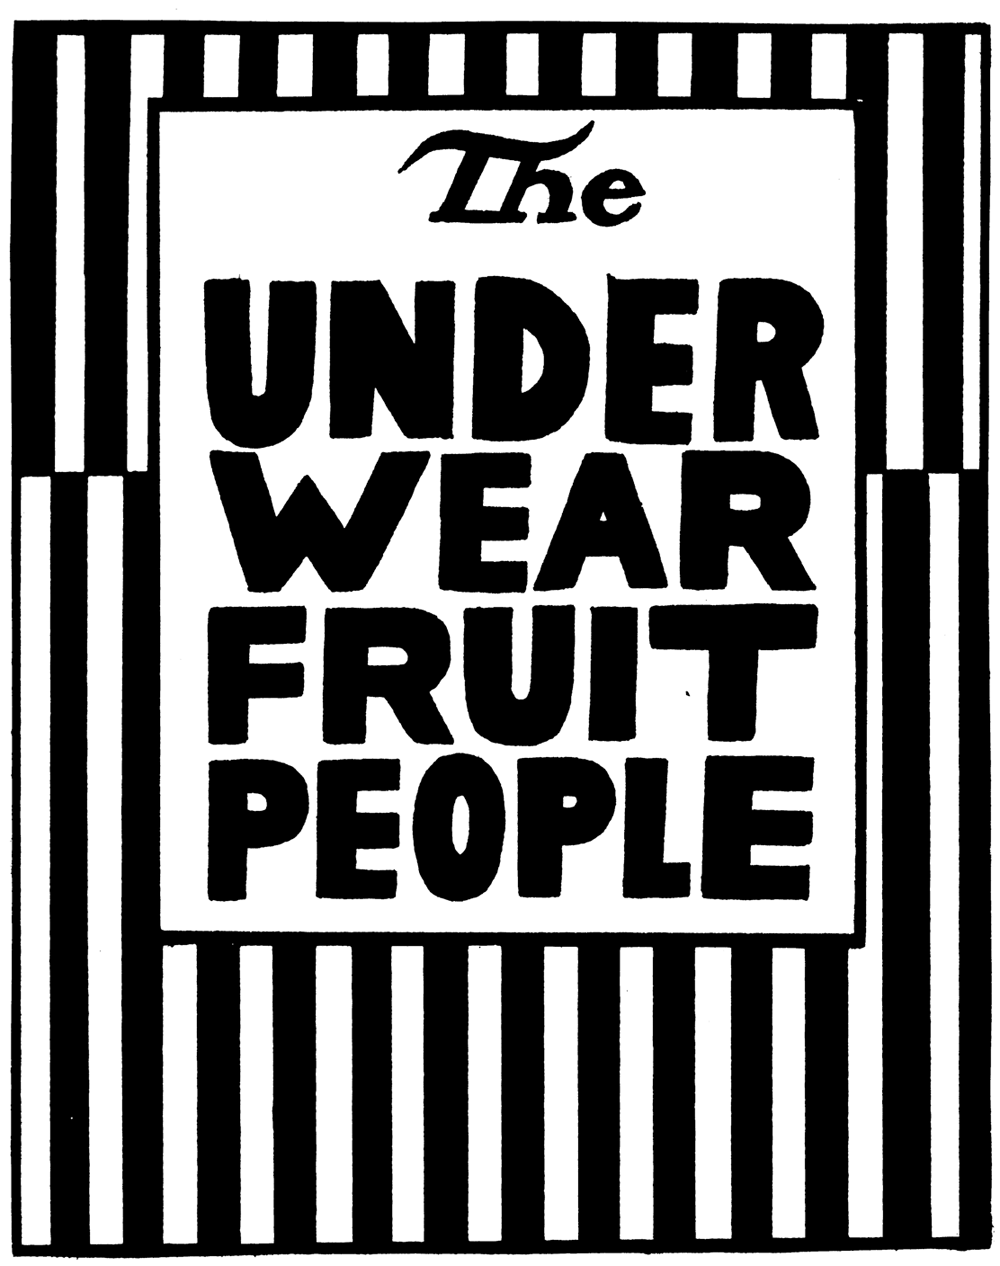 UnderwearFruitPeople1.png